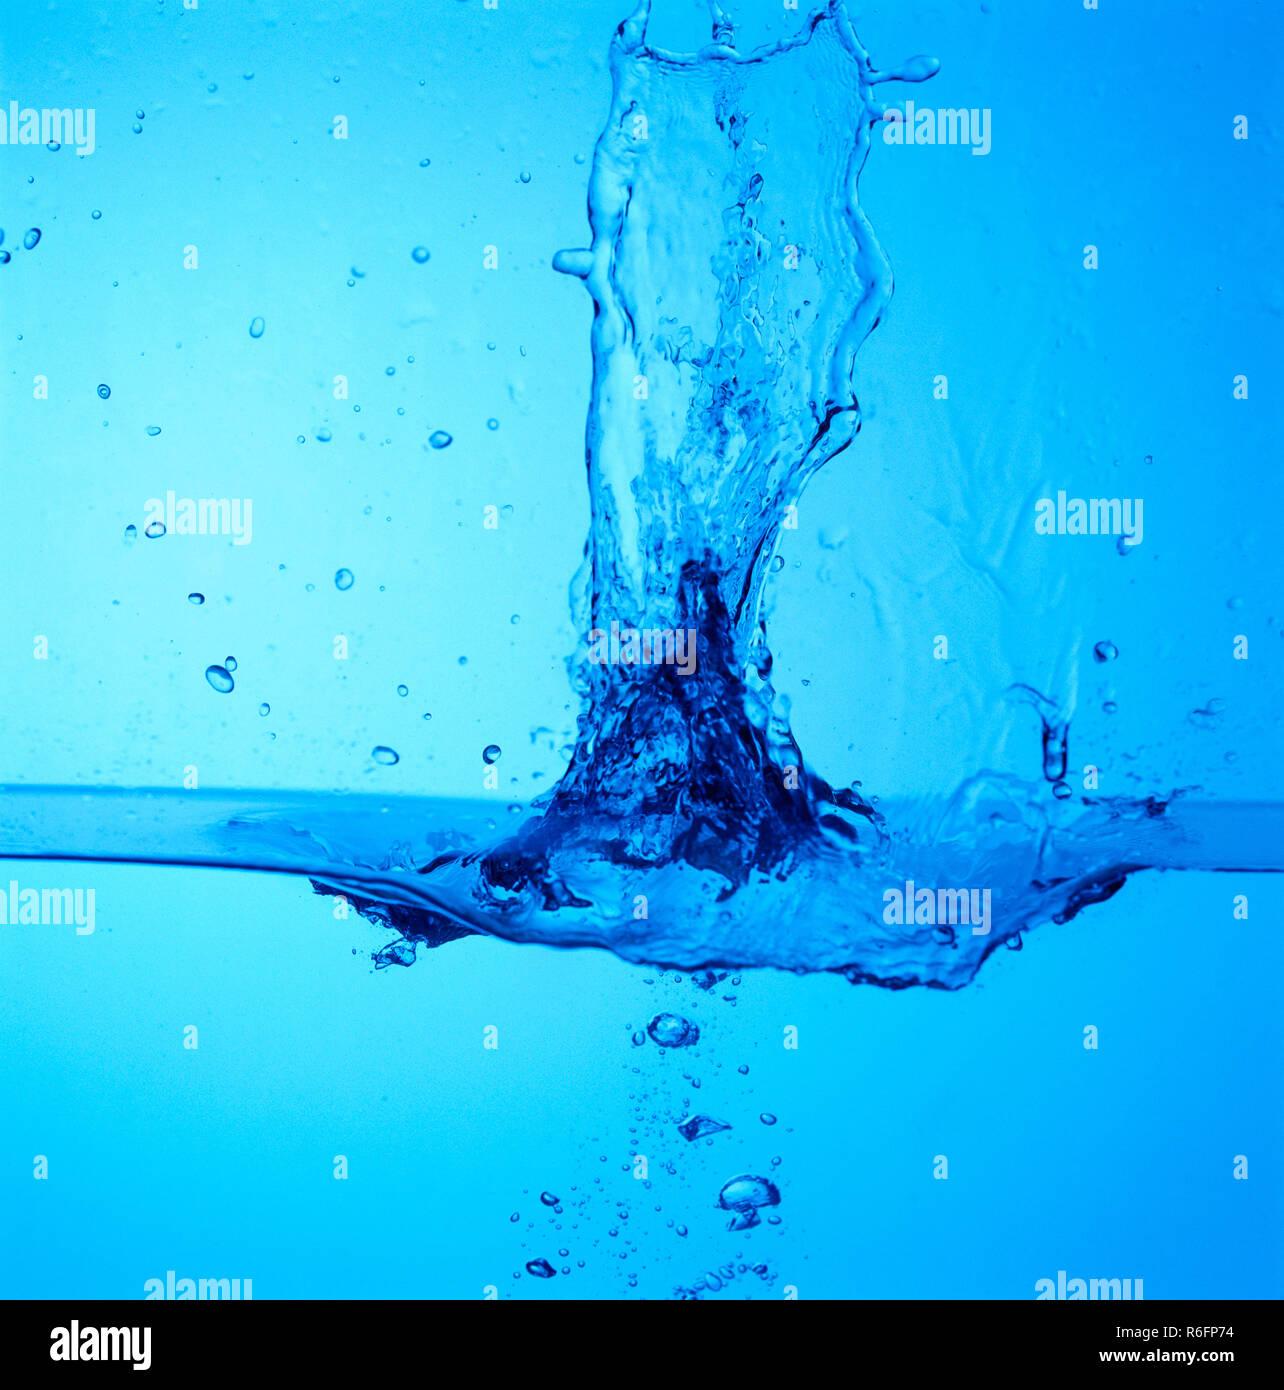 Concepto, la gota de agua splash con fondo azul. Imagen De Stock